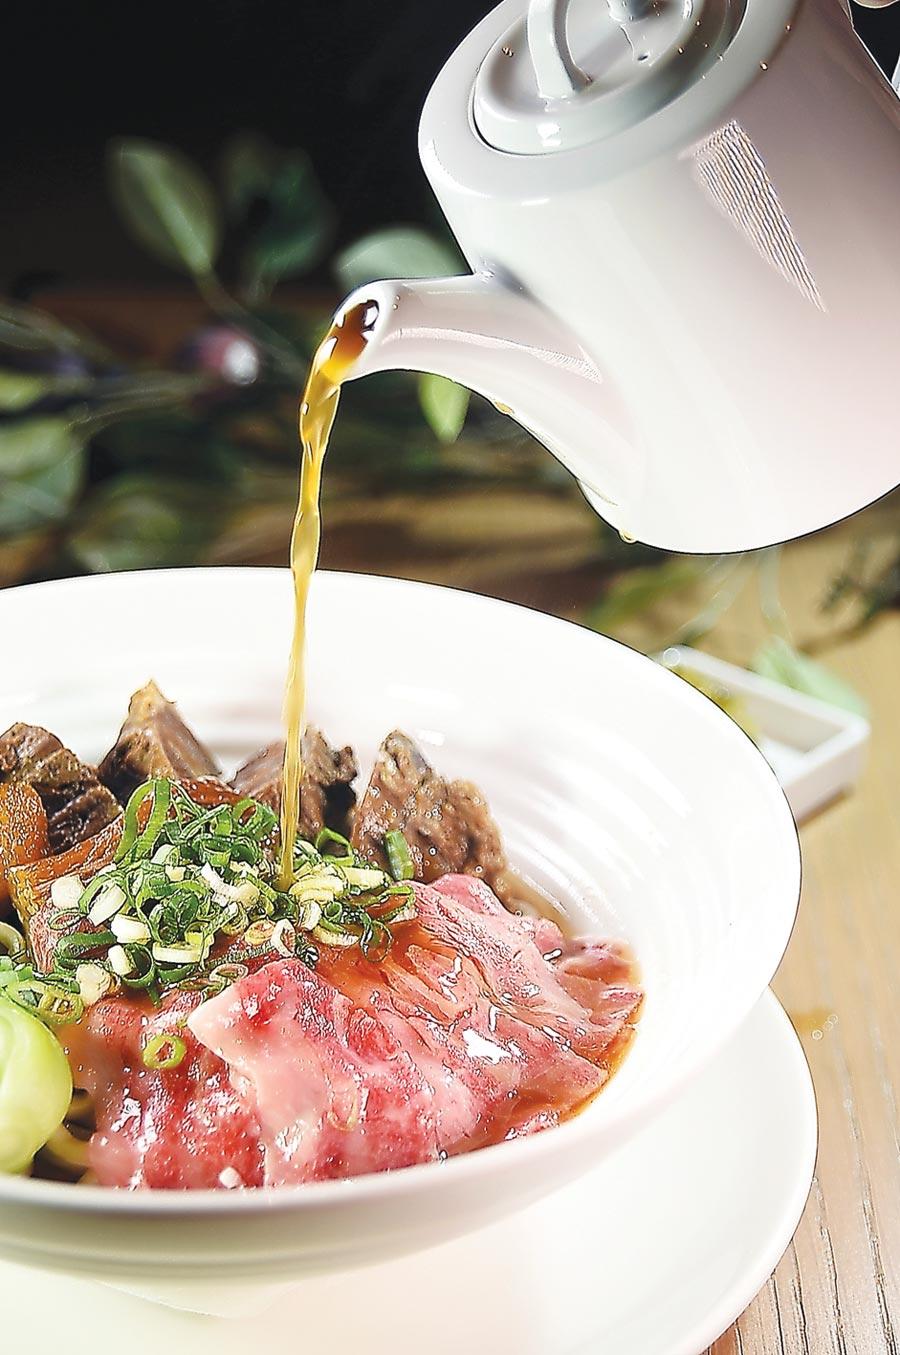 享用〈逸林和牛牛肉麵〉時,是以熱滾滾的牛肉湯凌空沖下,碗內日本和牛肉片產生類似「汆燙」或「涮」的效果,維持柔嫩度。圖/姚舜